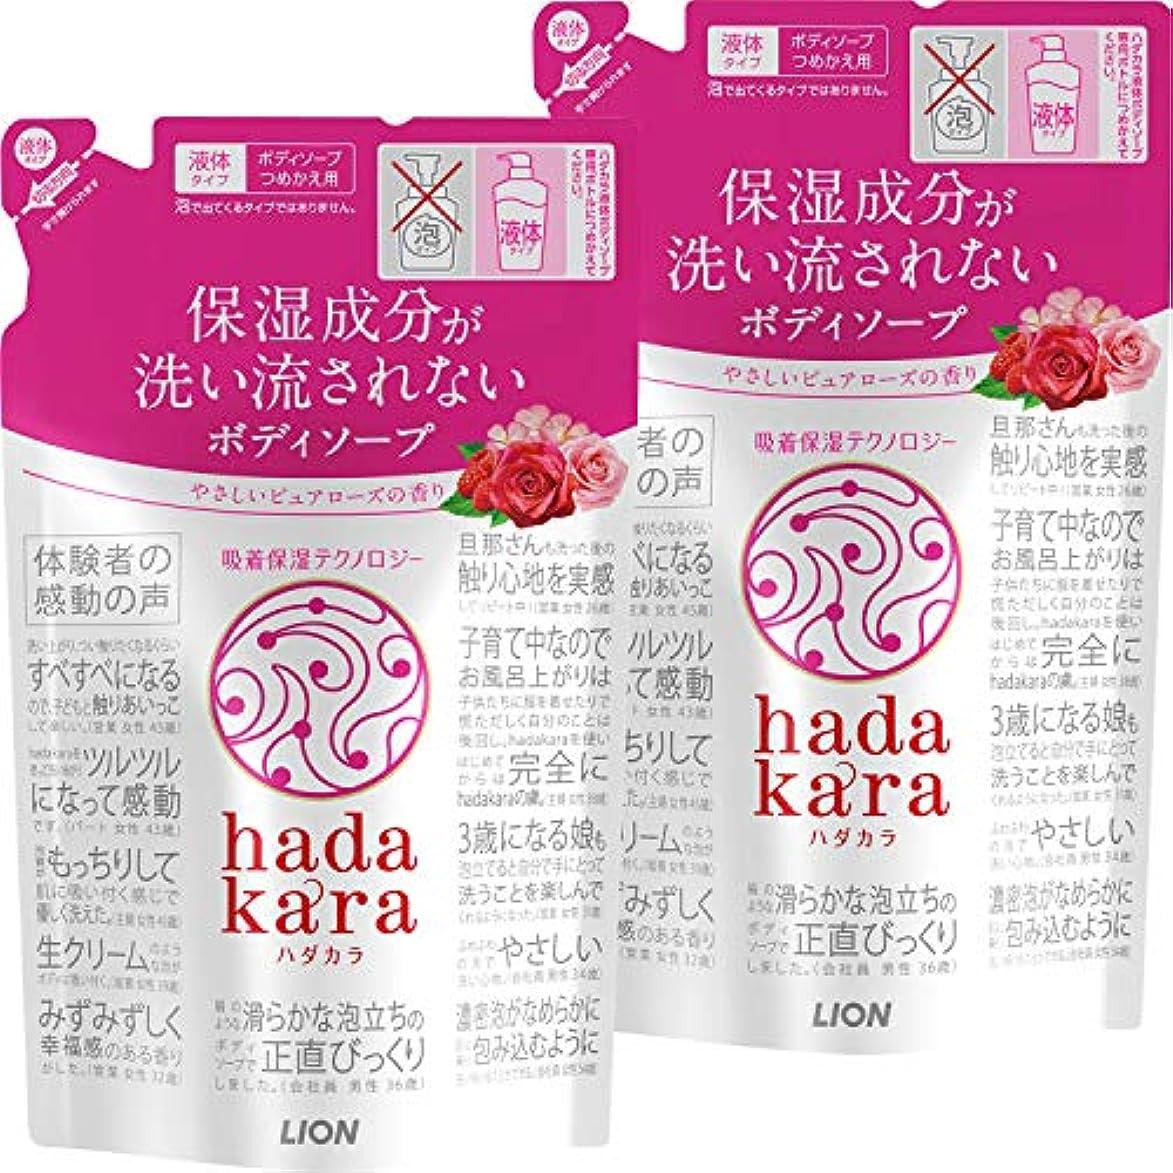 王女フラフープエレクトロニック【まとめ買い】hadakara(ハダカラ) ボディソープ ピュアローズの香り 詰め替え 360ml×2個パック